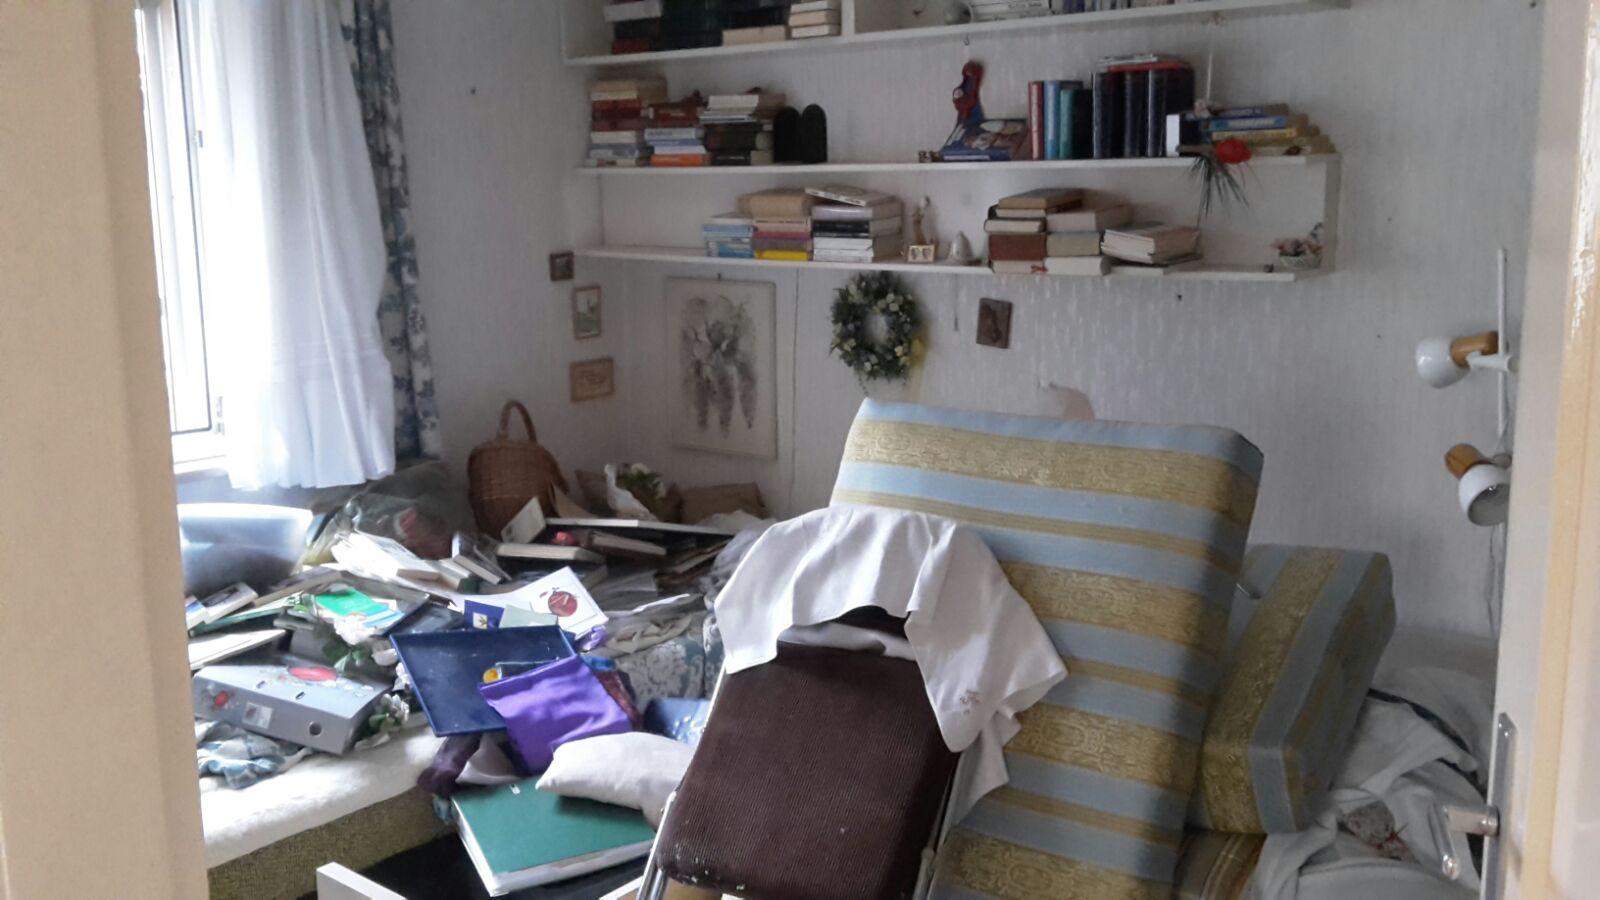 Räumung Wohnung in Bad Nauheim